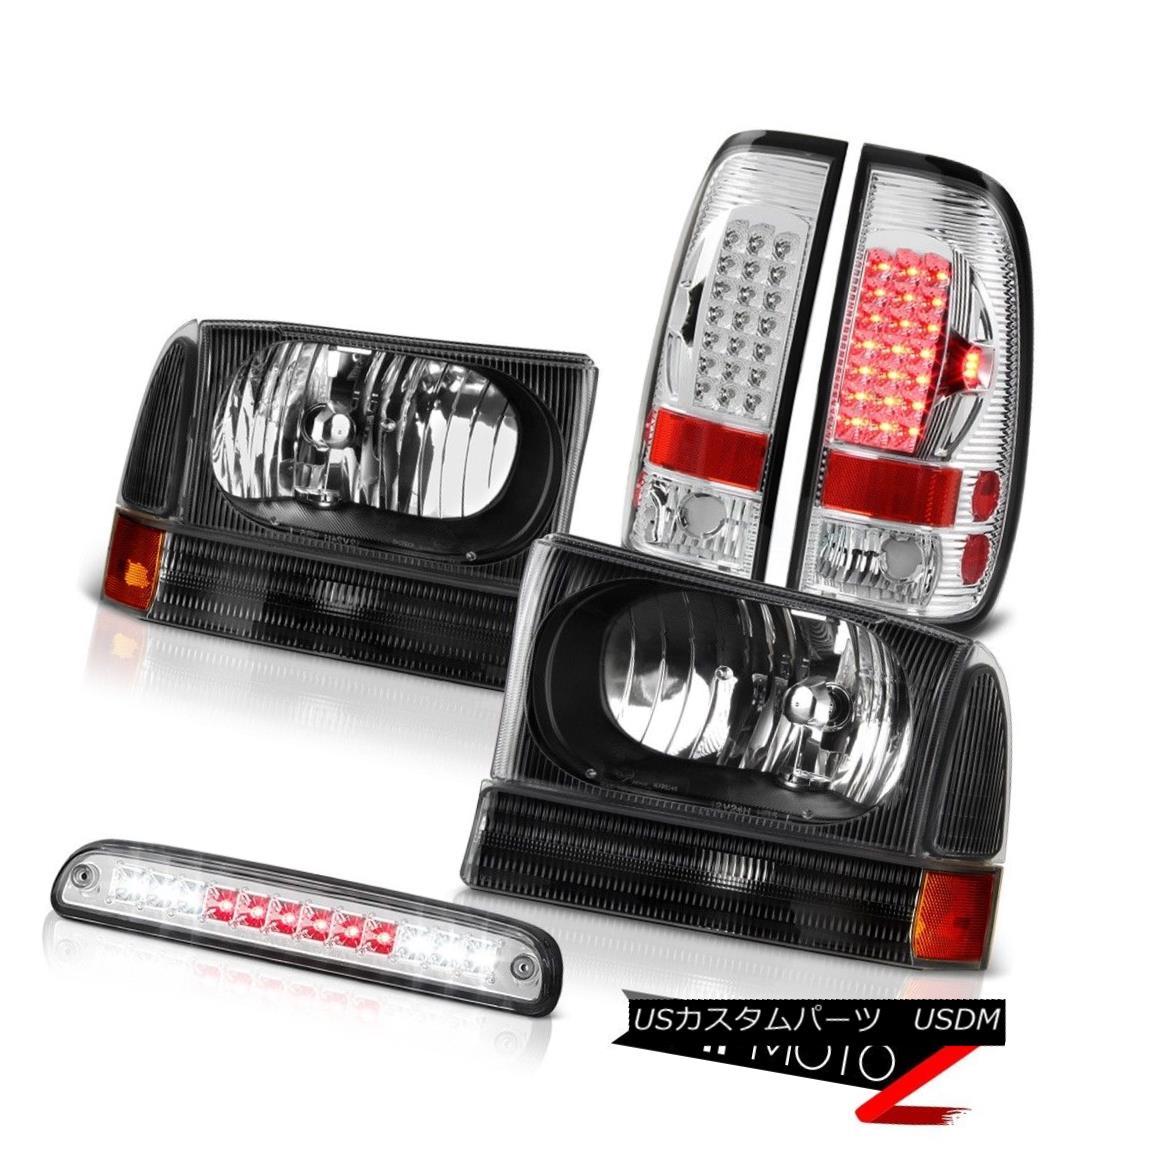 テールライト Headlamps Roof Brake Cargo LED Bright Tail Light 99 00 01 02 03 04 Ford F250 SD ヘッドランプルーフブレーキカーゴLEDブライトテールライト99 00 01 02 03 04 Ford F250 SD